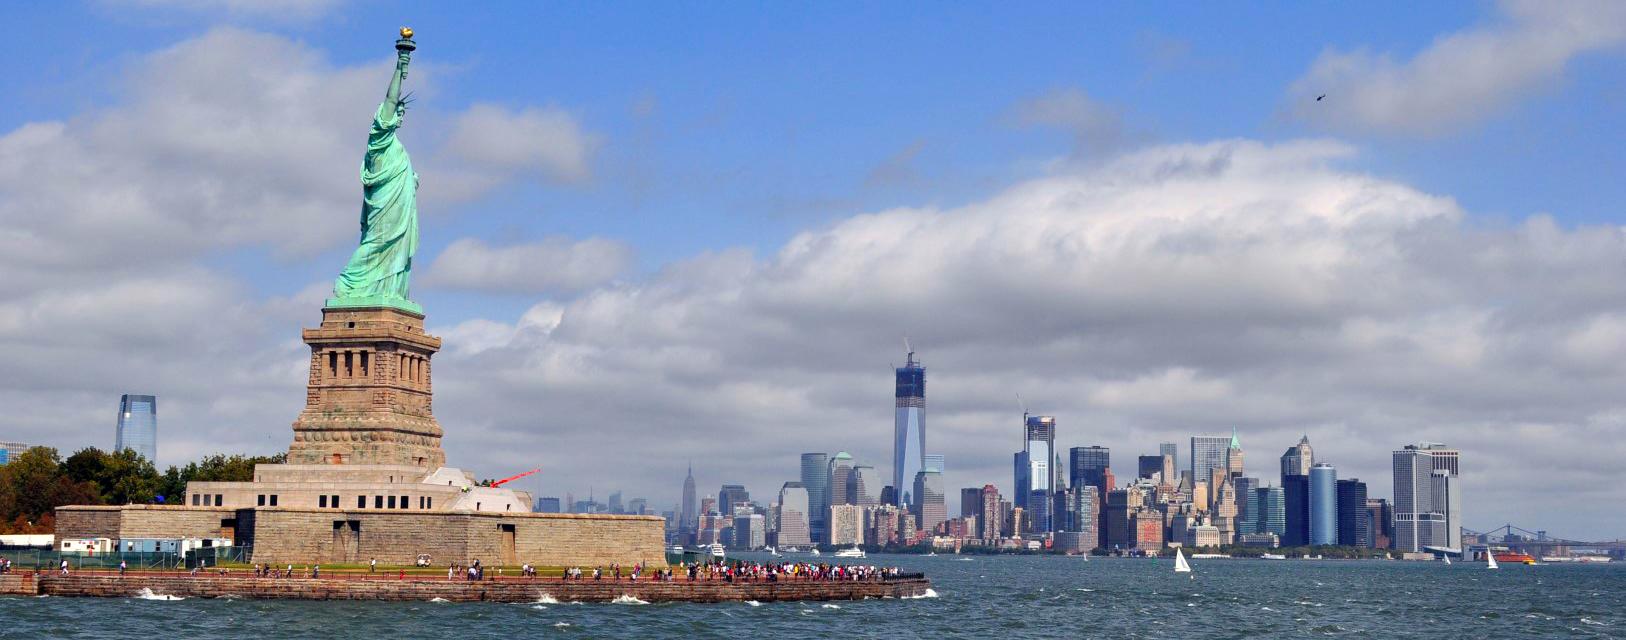 Qué hacer y ver en Nueva York qué hacer y ver en nueva york - 31142698935 7d3fa6df30 o - Qué hacer y ver en Nueva York